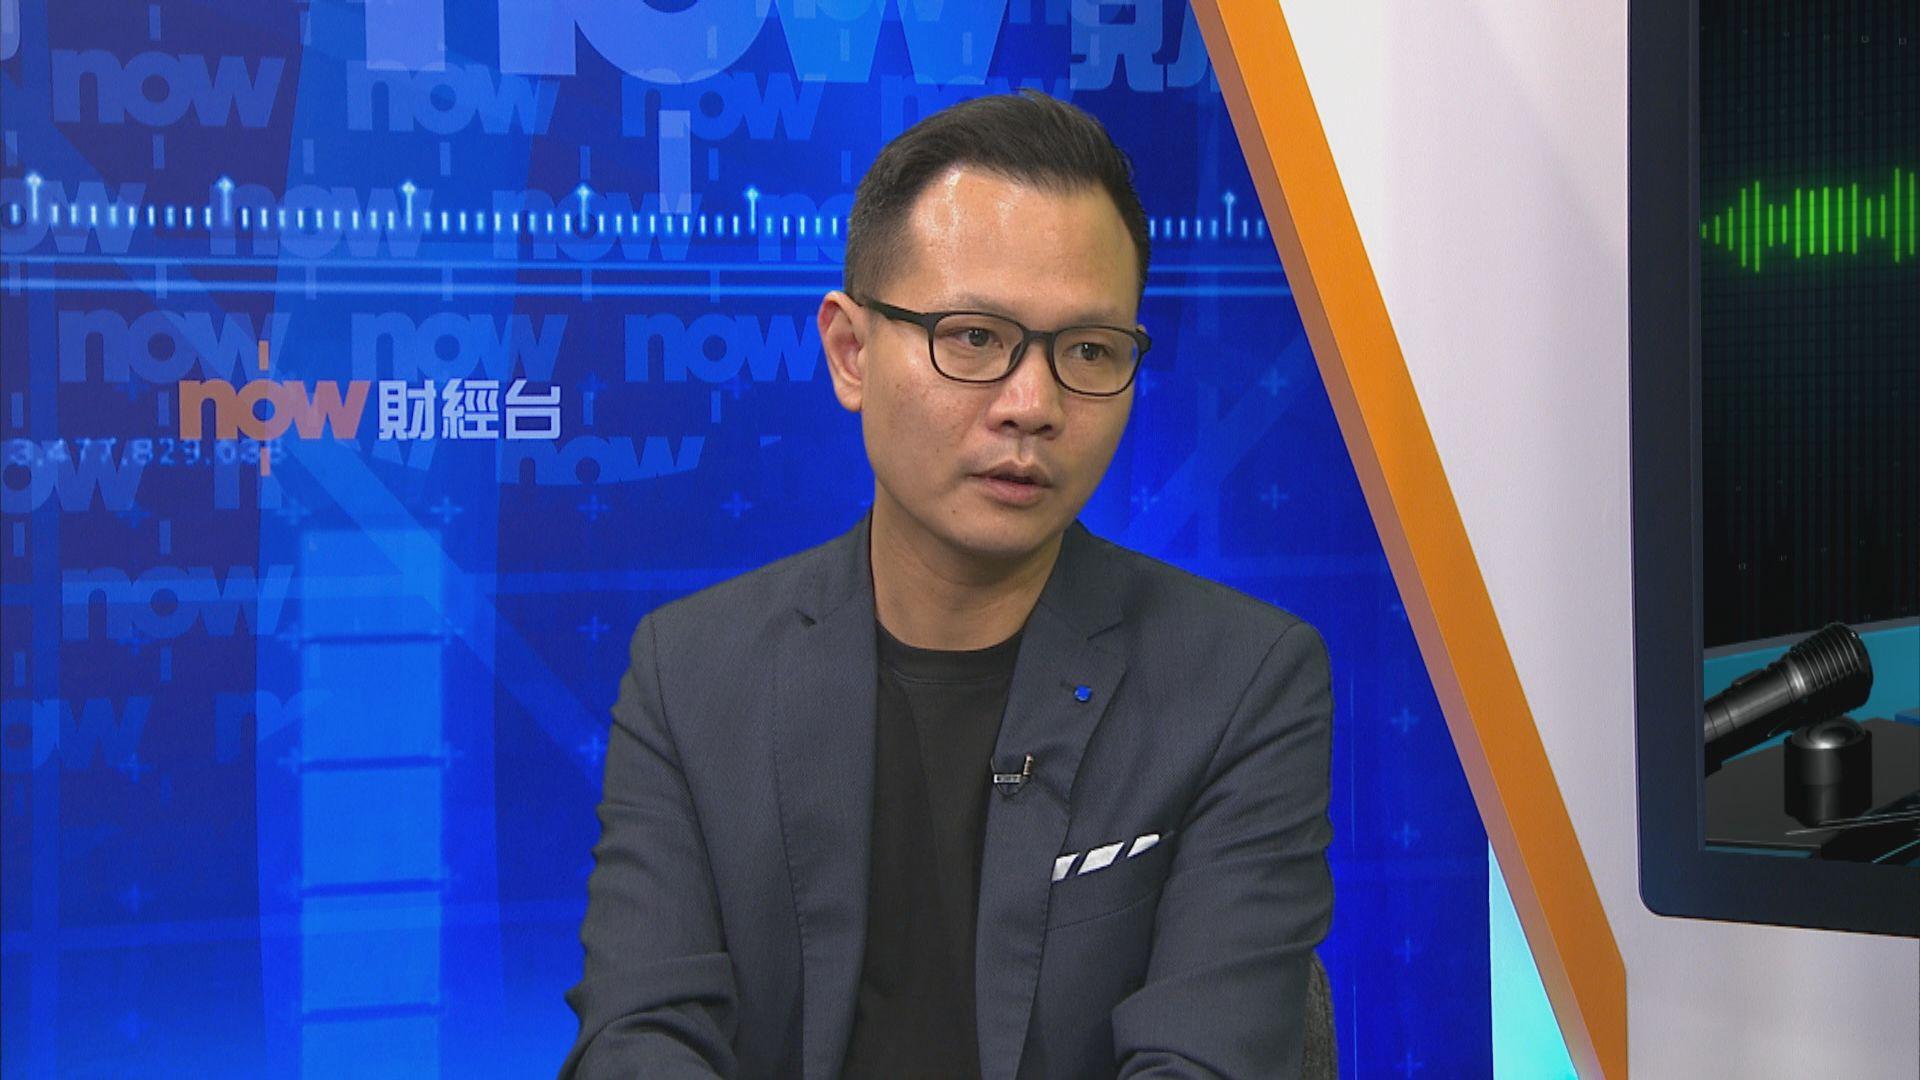 郭榮鏗強調落實逃犯條例非憲制責任